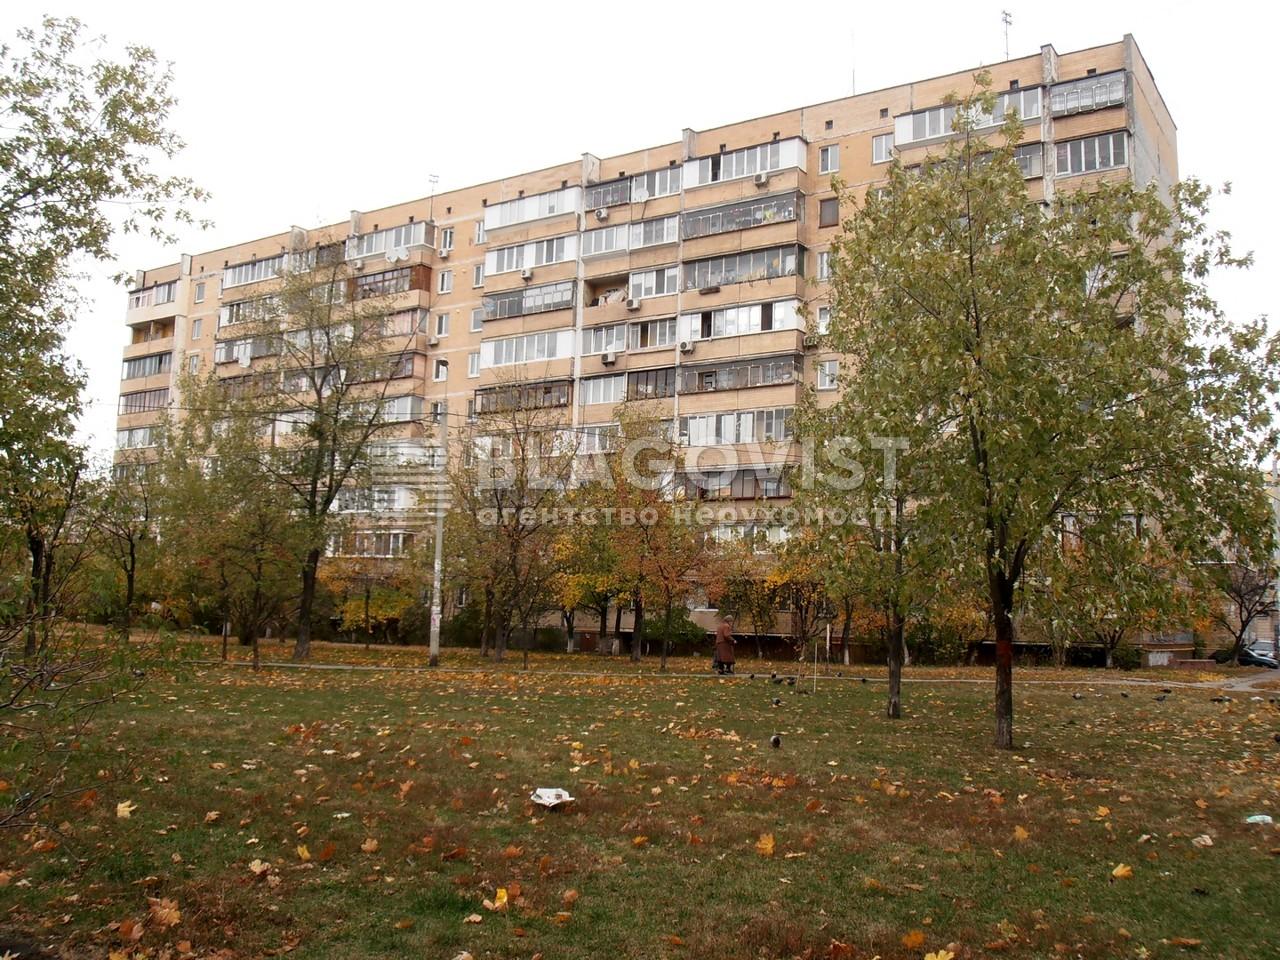 Квартира F-22194, Драйзера Теодора, 32, Киев - Фото 1